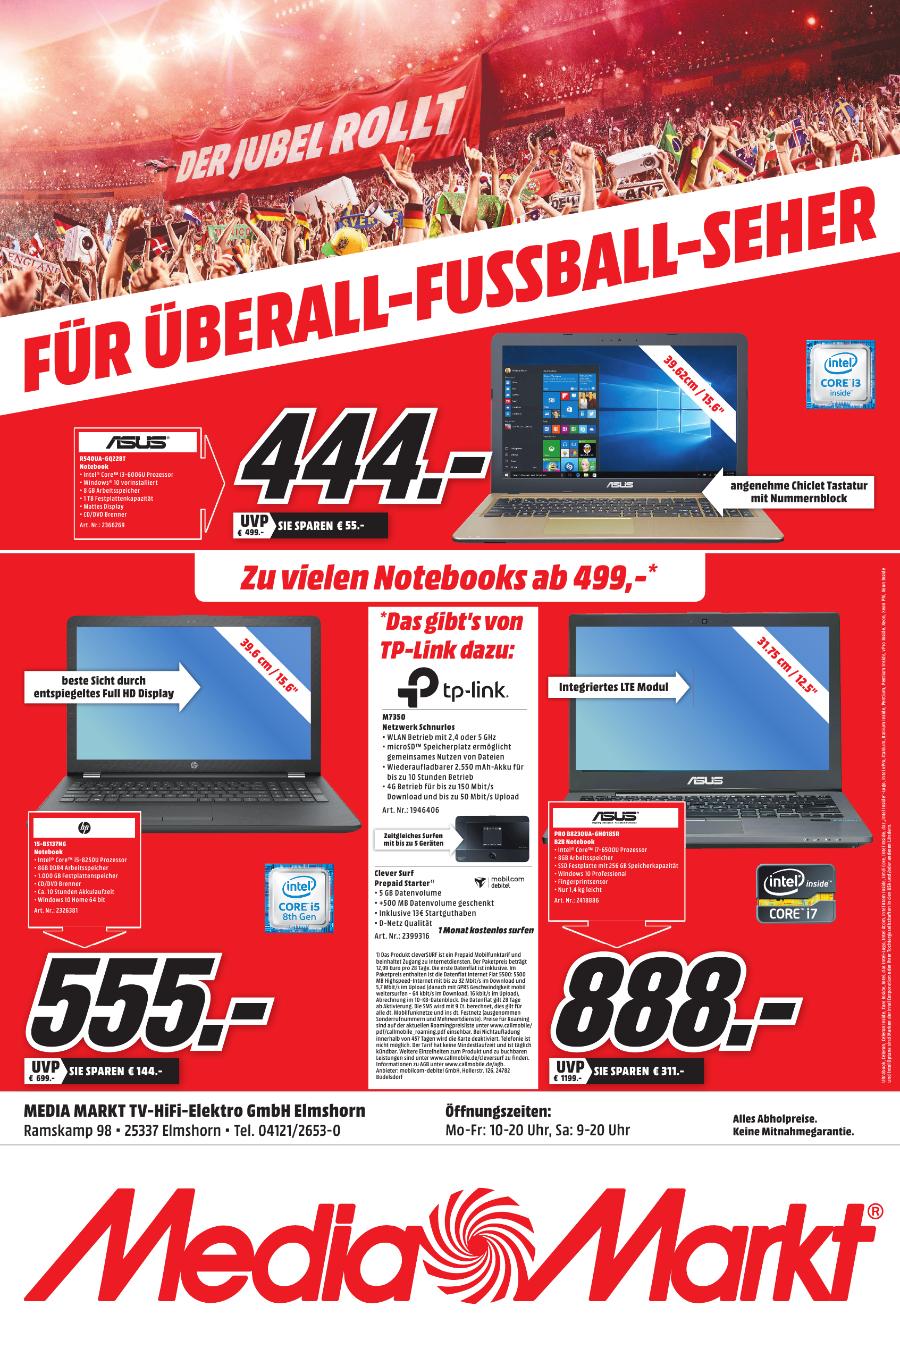 Lokal Mediamarkt Elmshorn Notebook ab 499 - LTE Router geschenkt und mehr